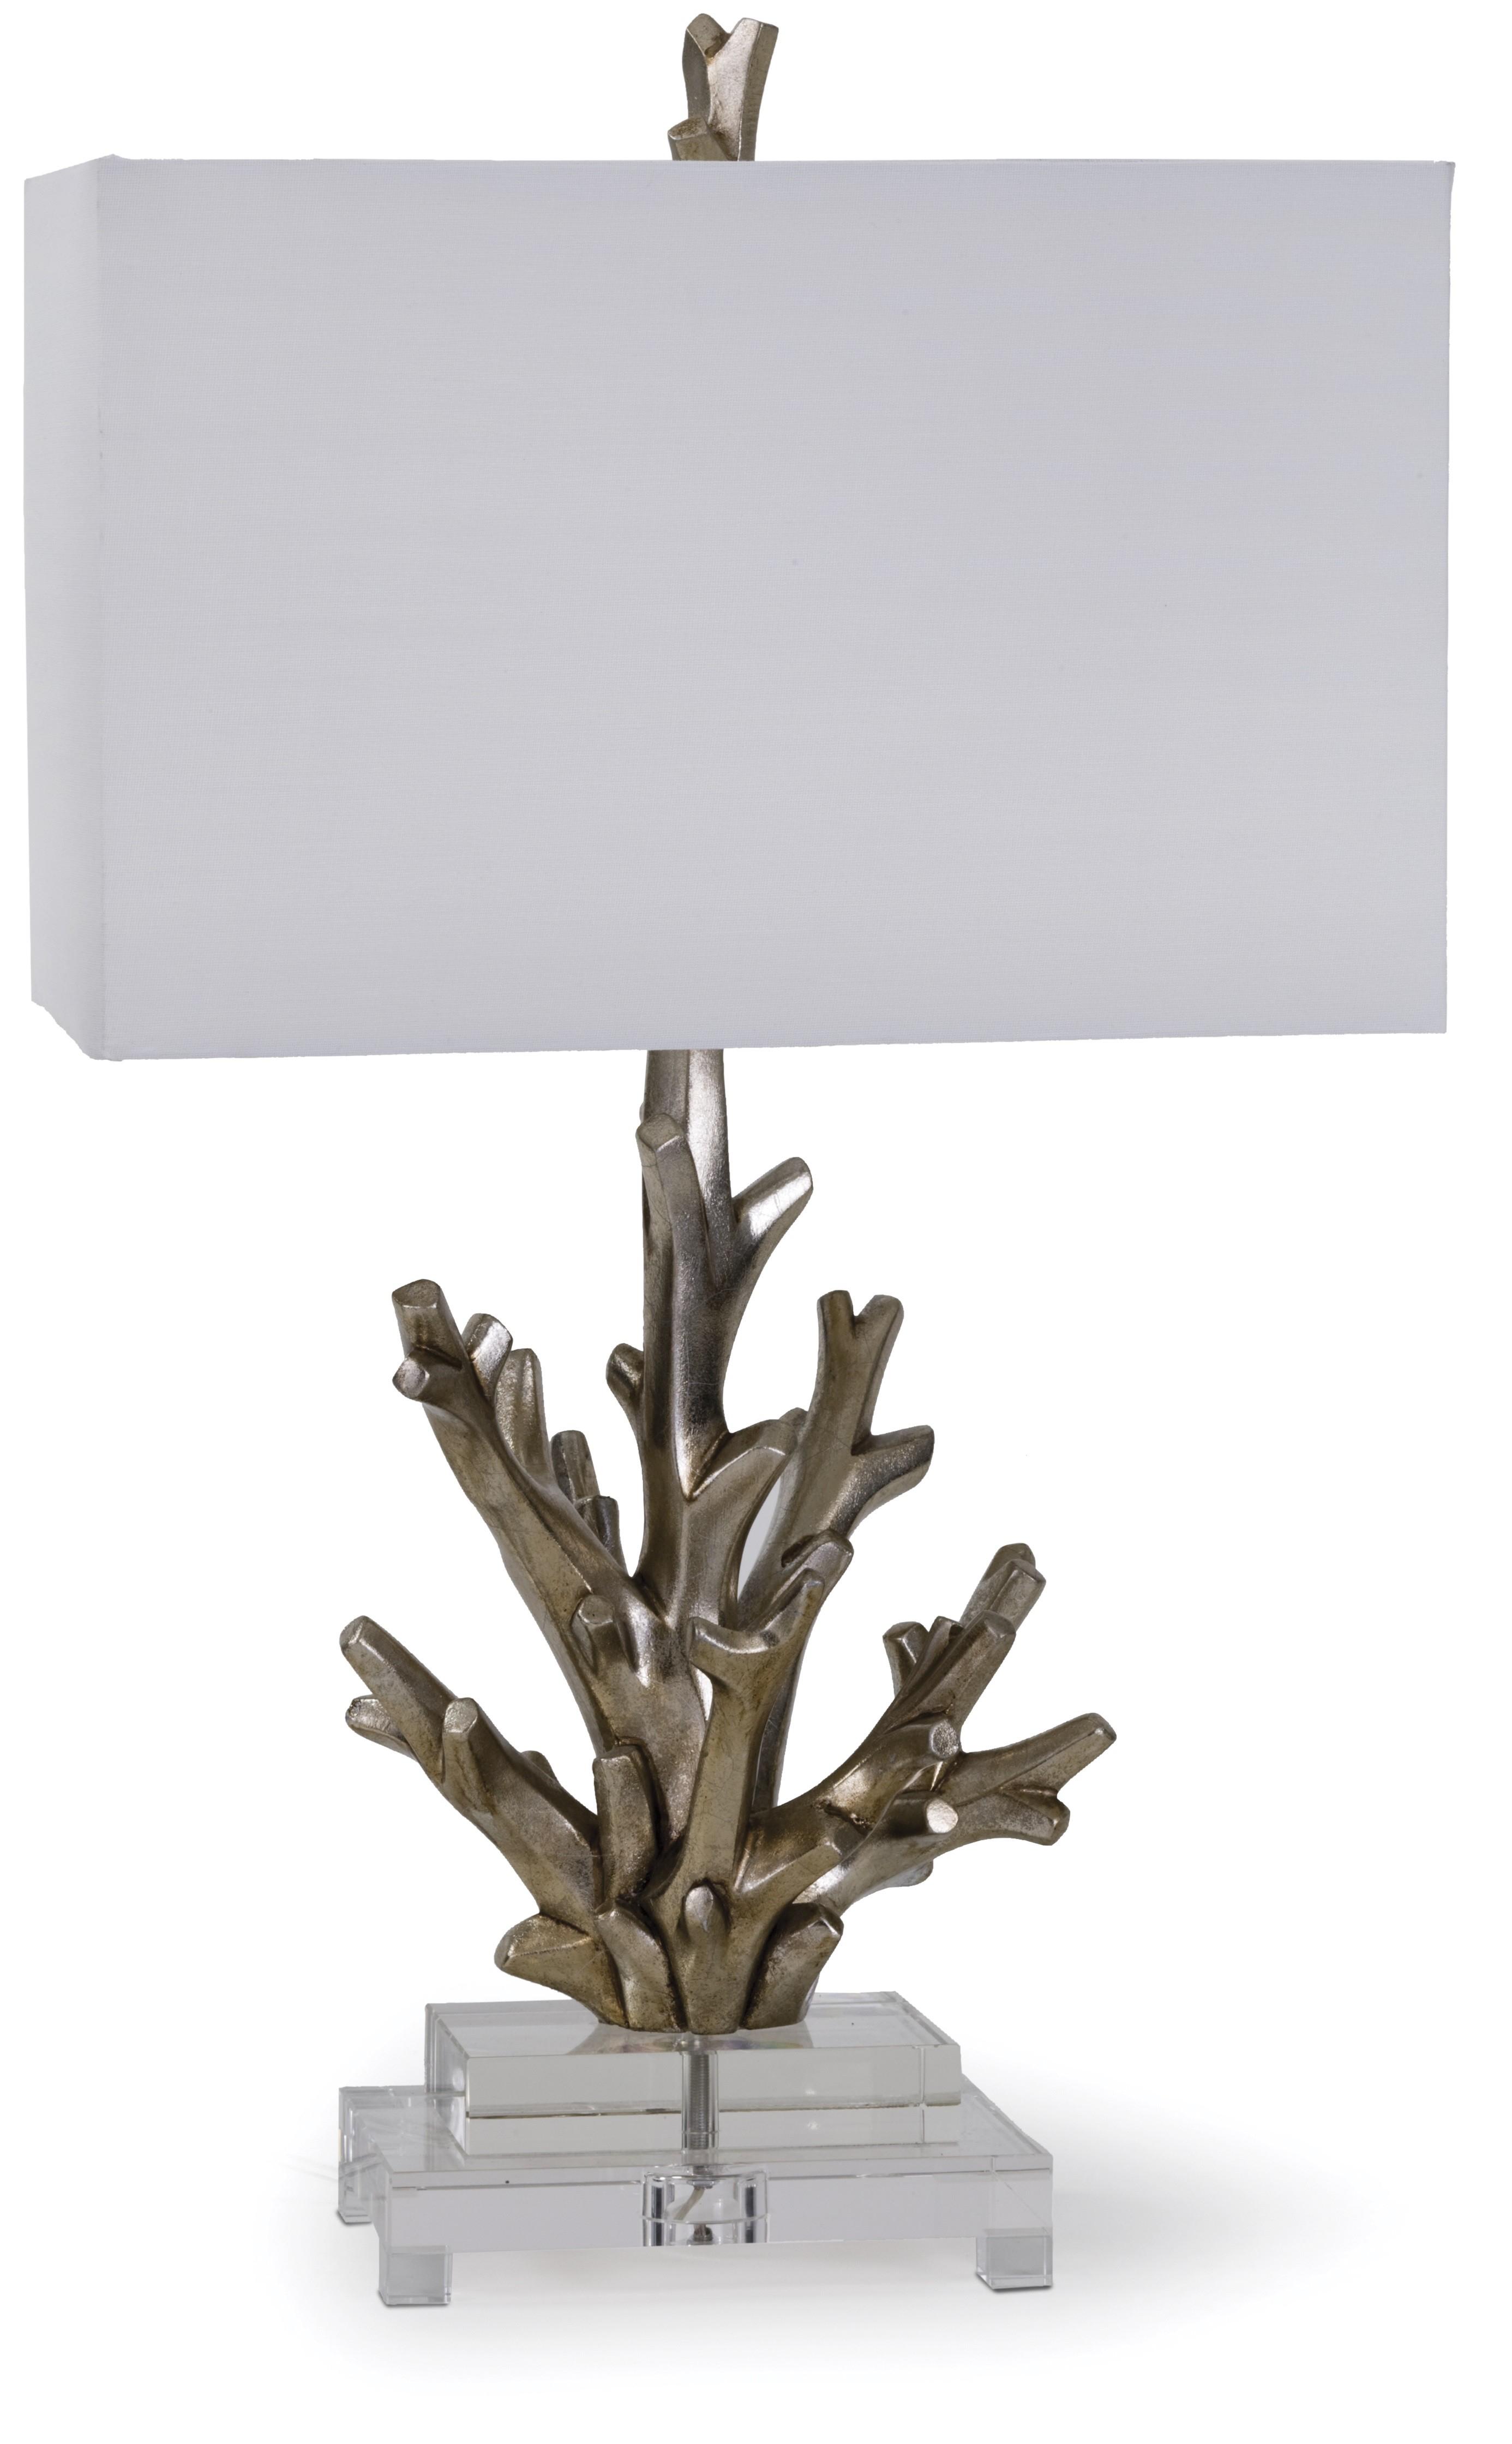 regina design lamp lighting cobia bubbles reginaandrew wood crystal andrew lamps chandelier table